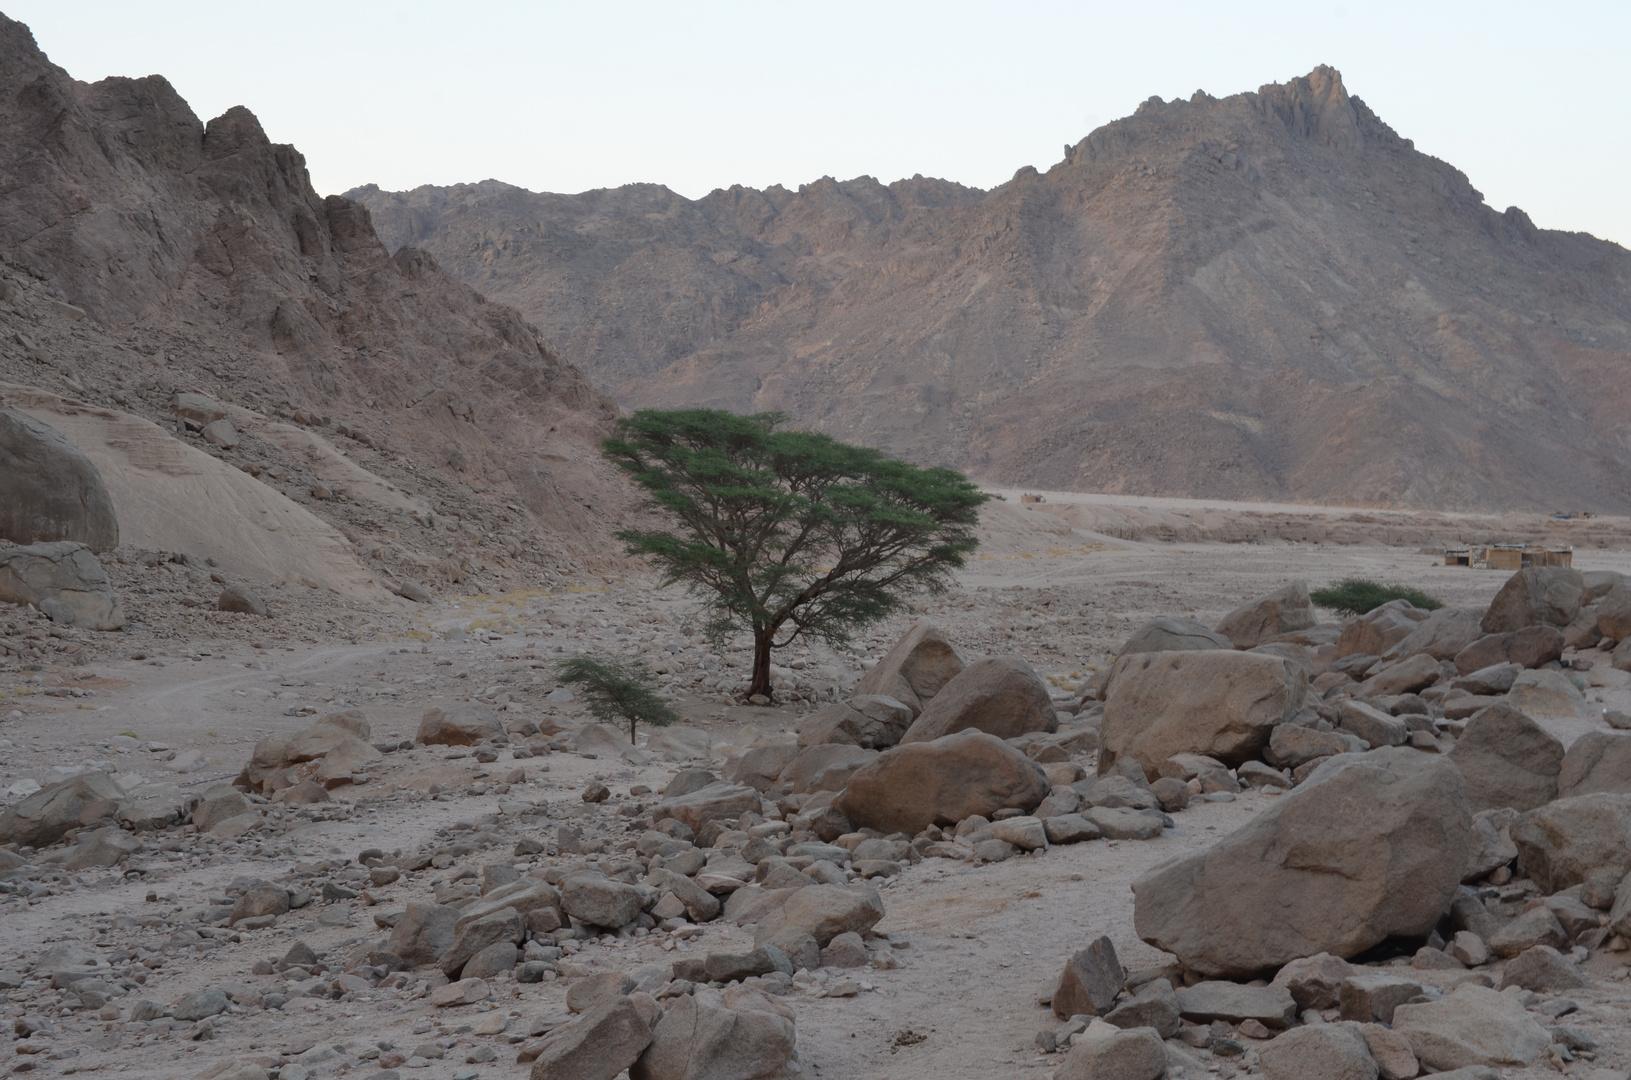 Die Wüste.